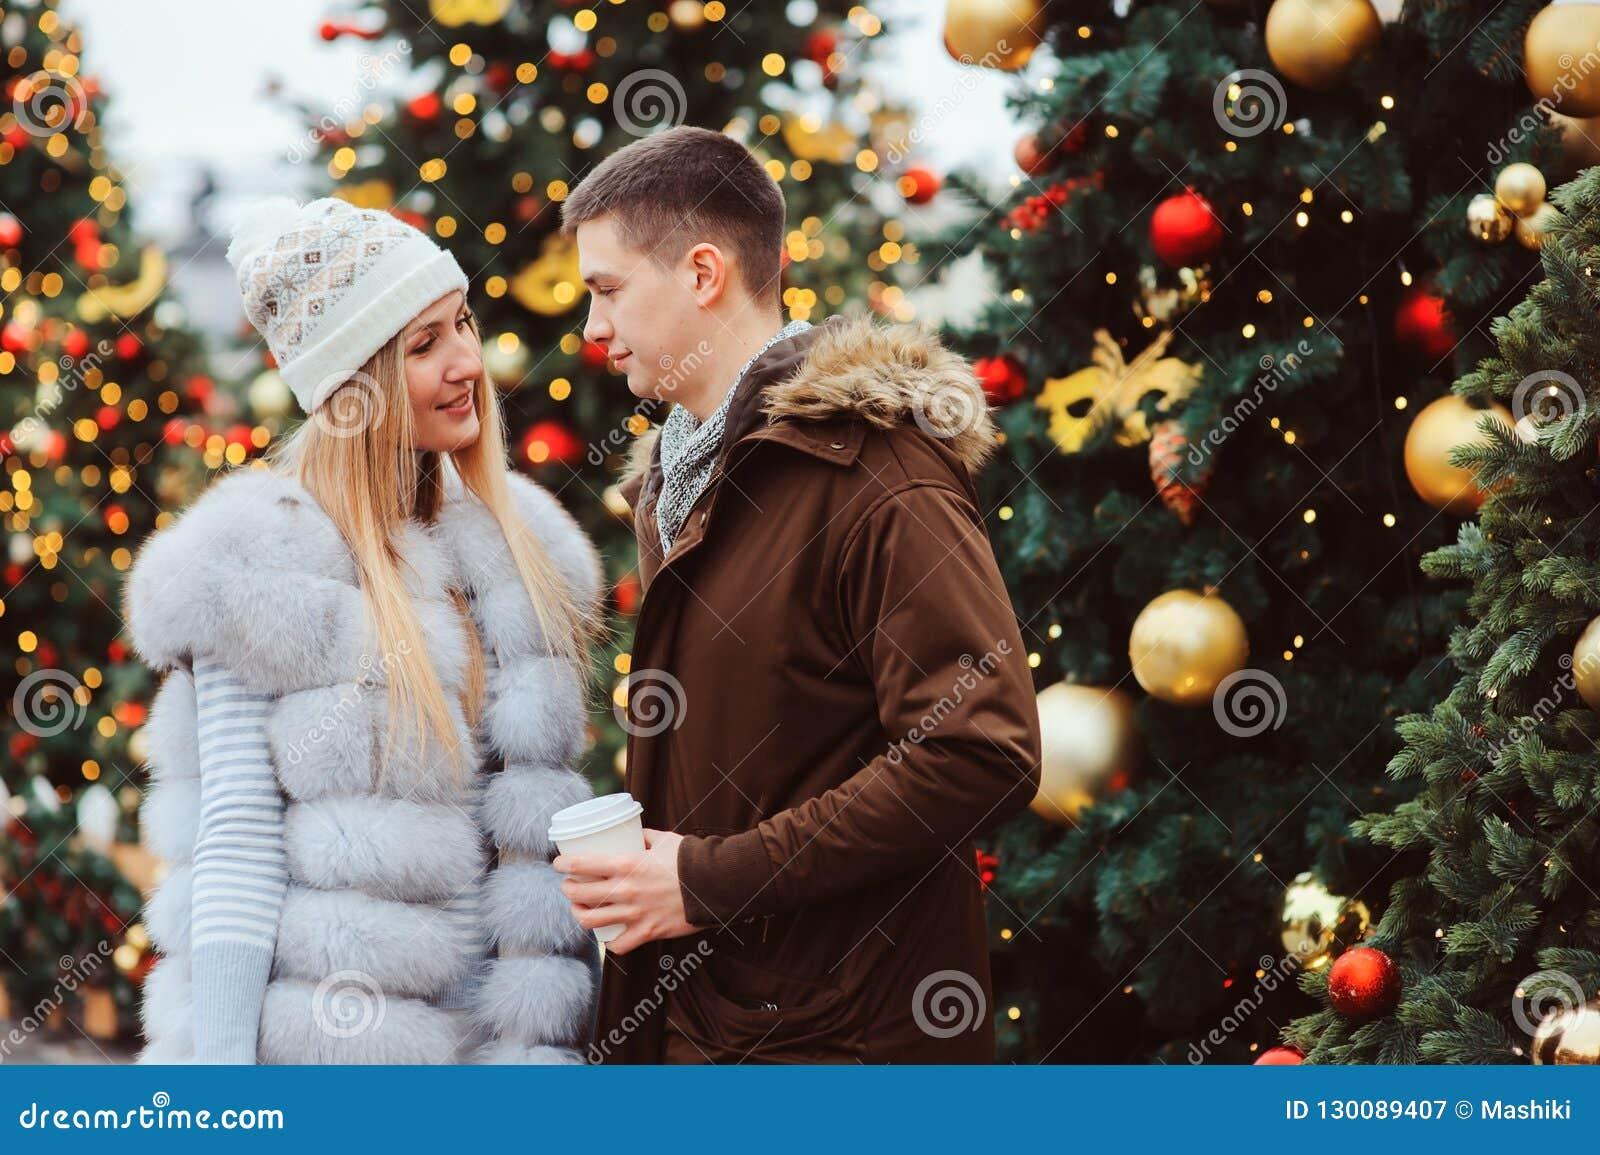 Portrait de Noël des ajouter heureux au vin chaud ou au thé chaud marchant sur des rues de ville décorées pendant des vacances